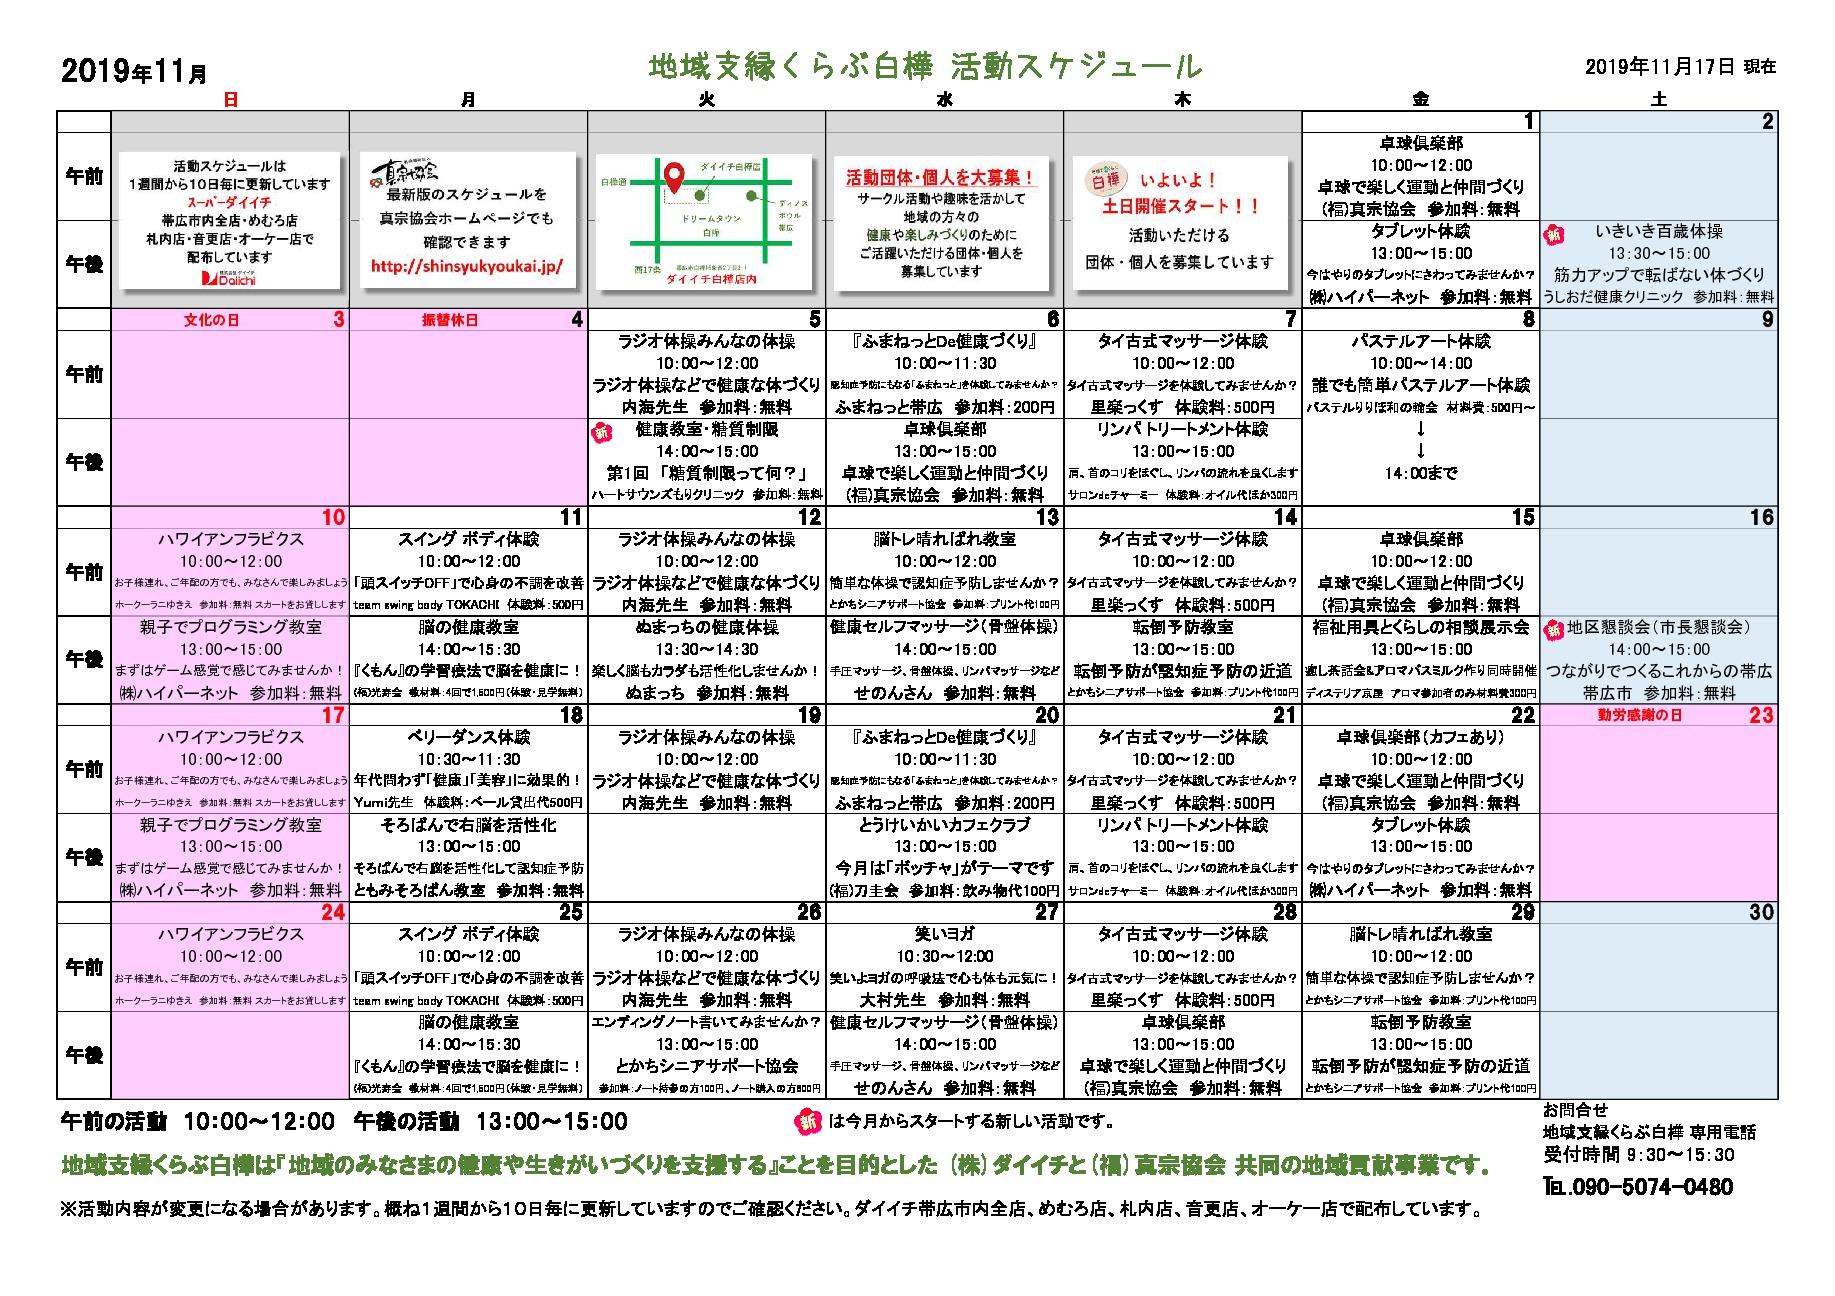 2019活動スケジュール11(2019.11.17付)のサムネイル